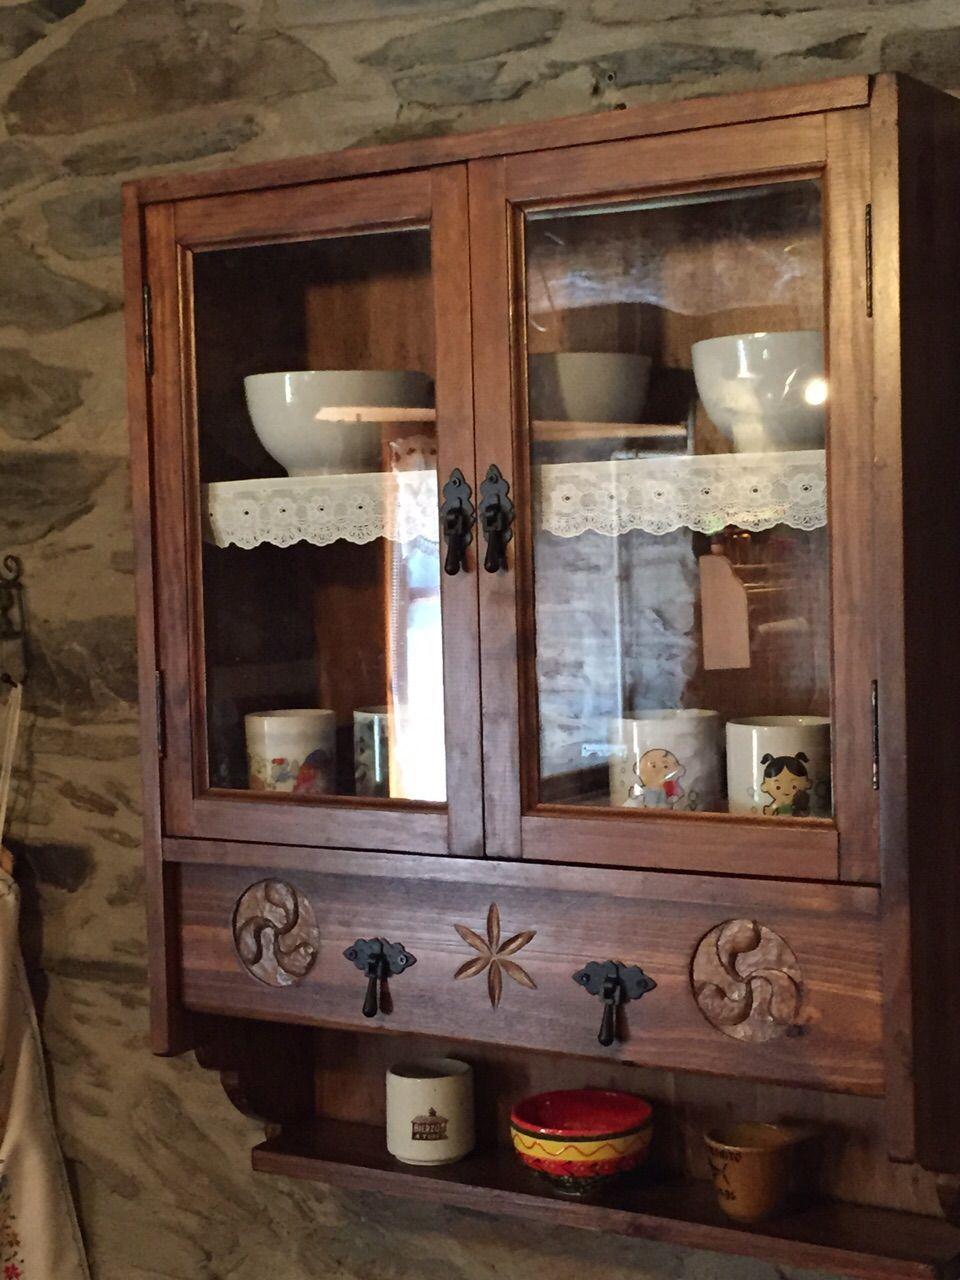 Estilo r stico muebles con encanto - Muebles estilo rustico ...